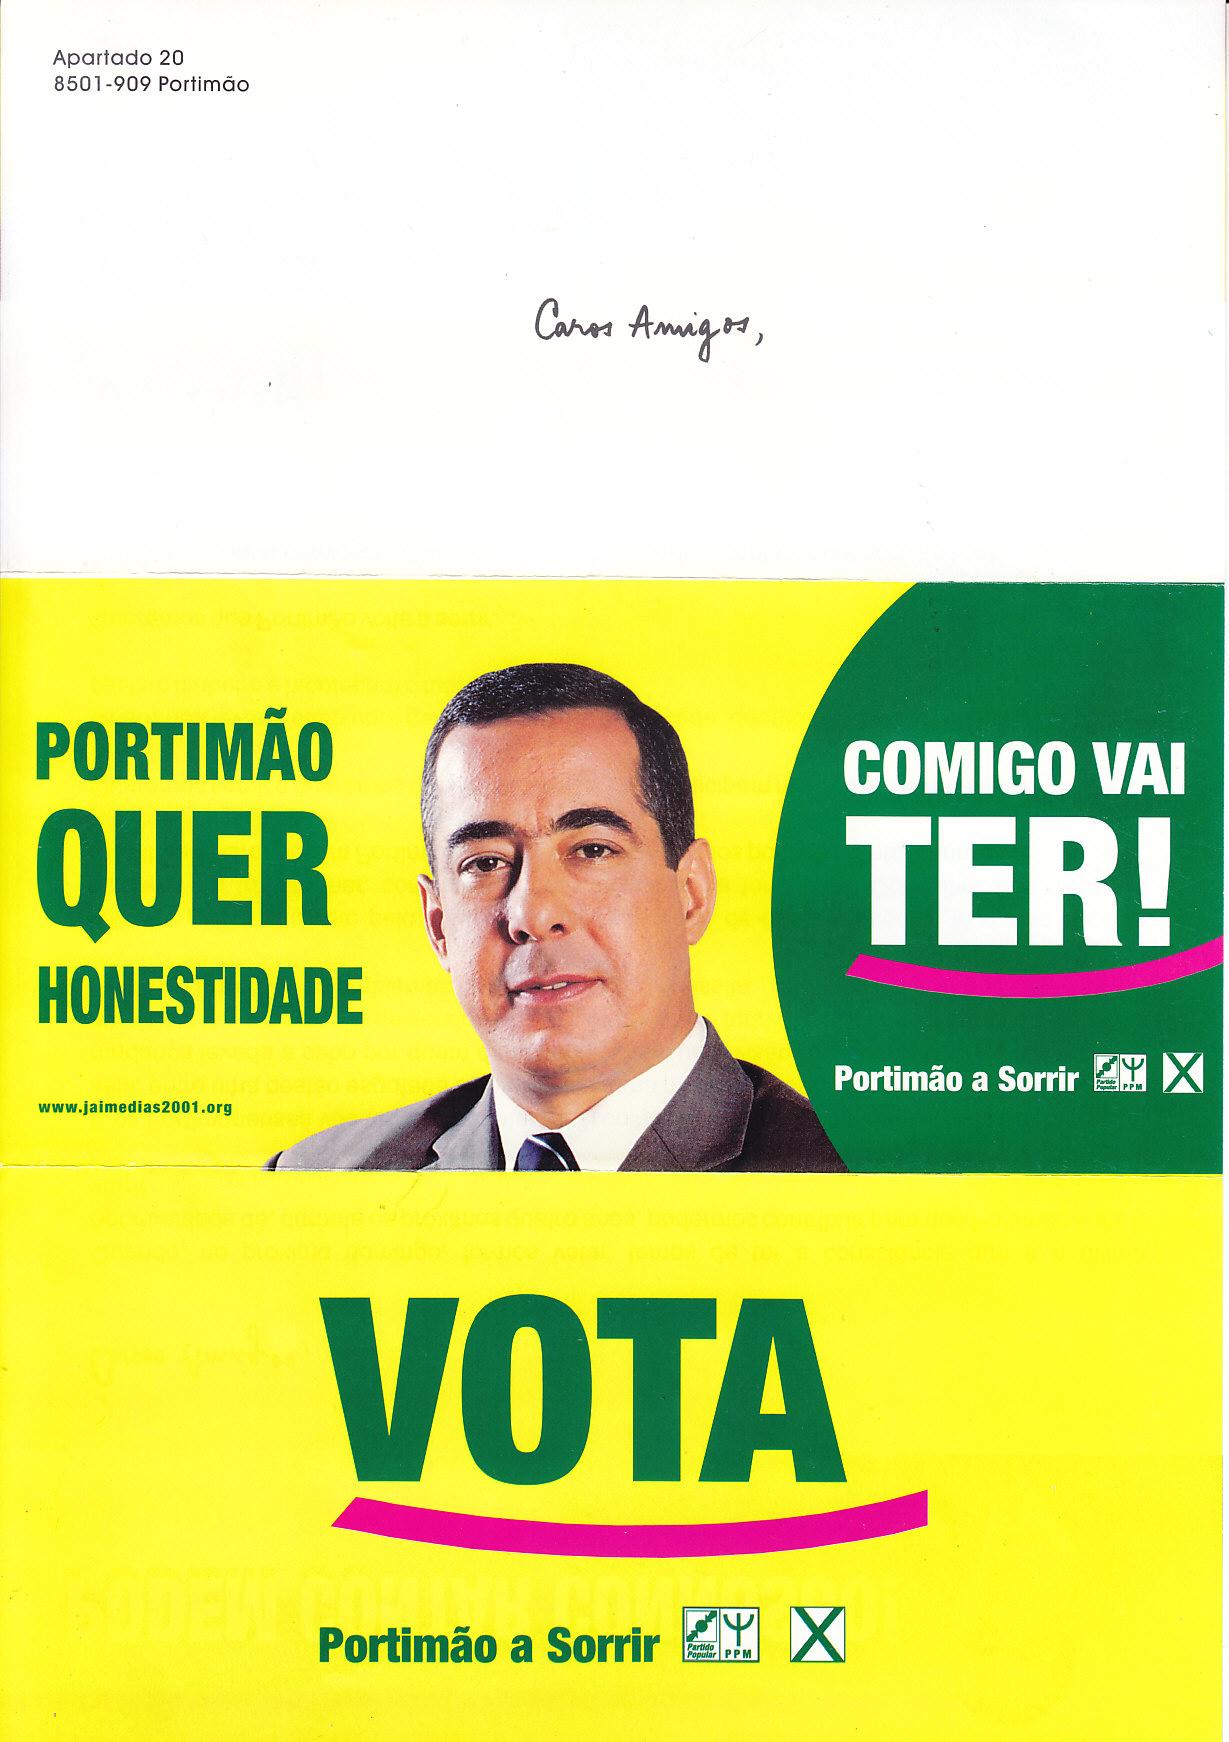 Jaime_Dias_Portimao_2001_0020